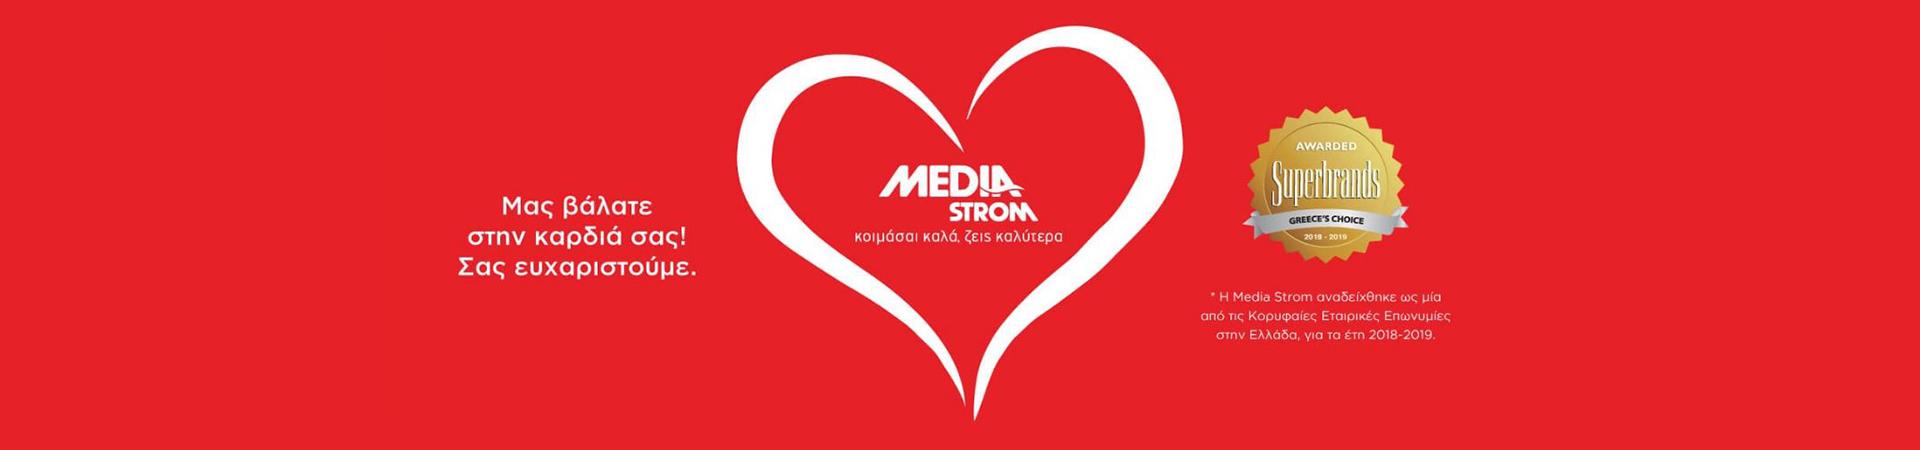 MediaStrom - Paidokosmos 1920x450